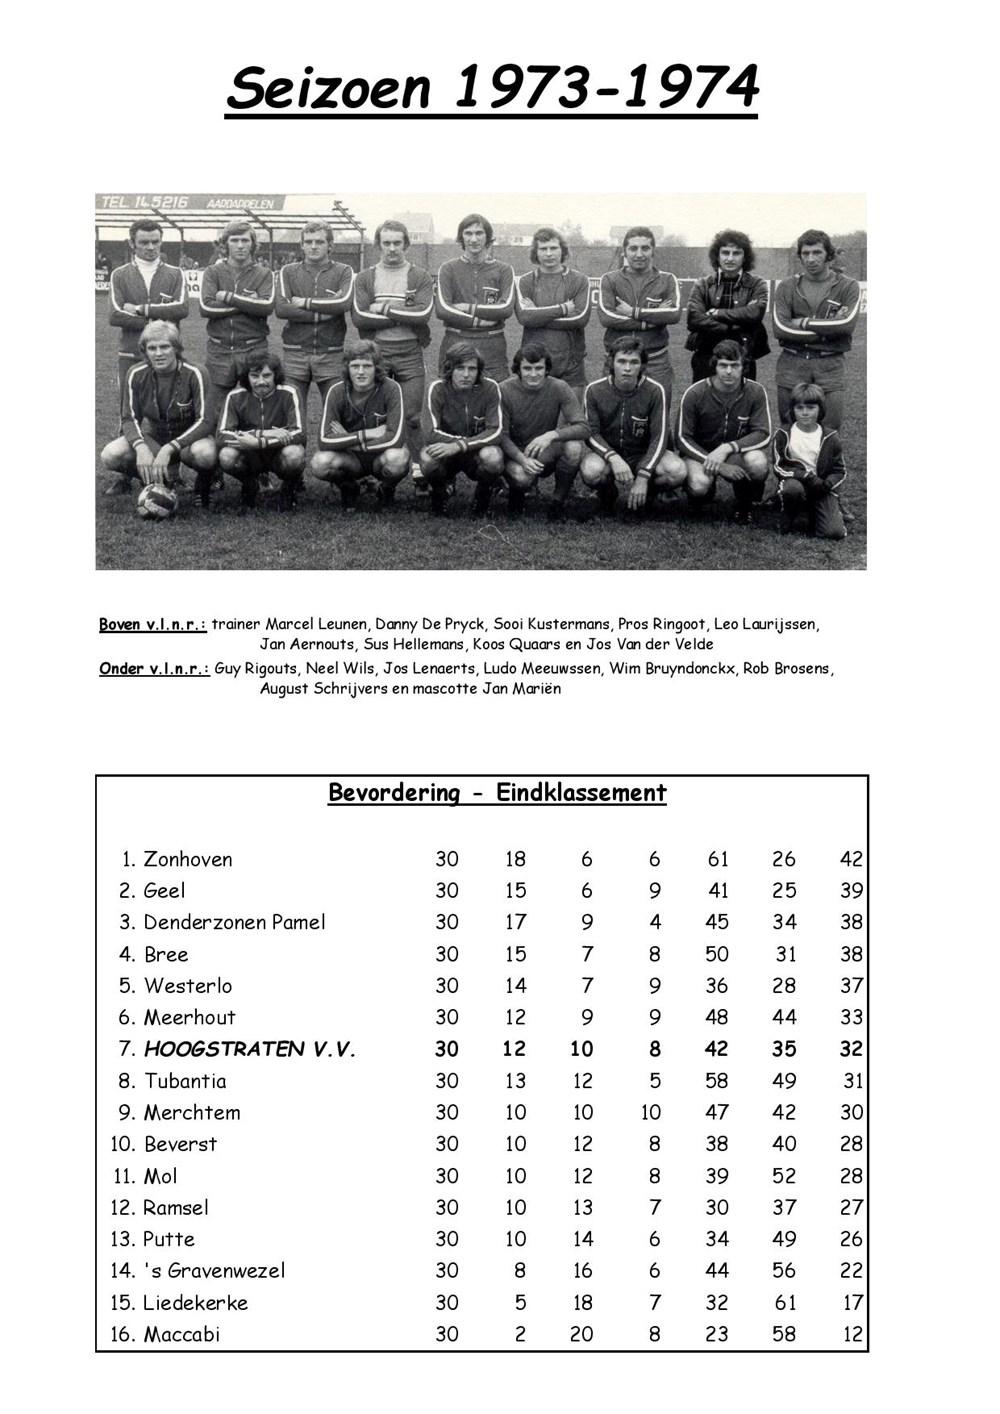 seizoen_1973-1974-page-001.jpg